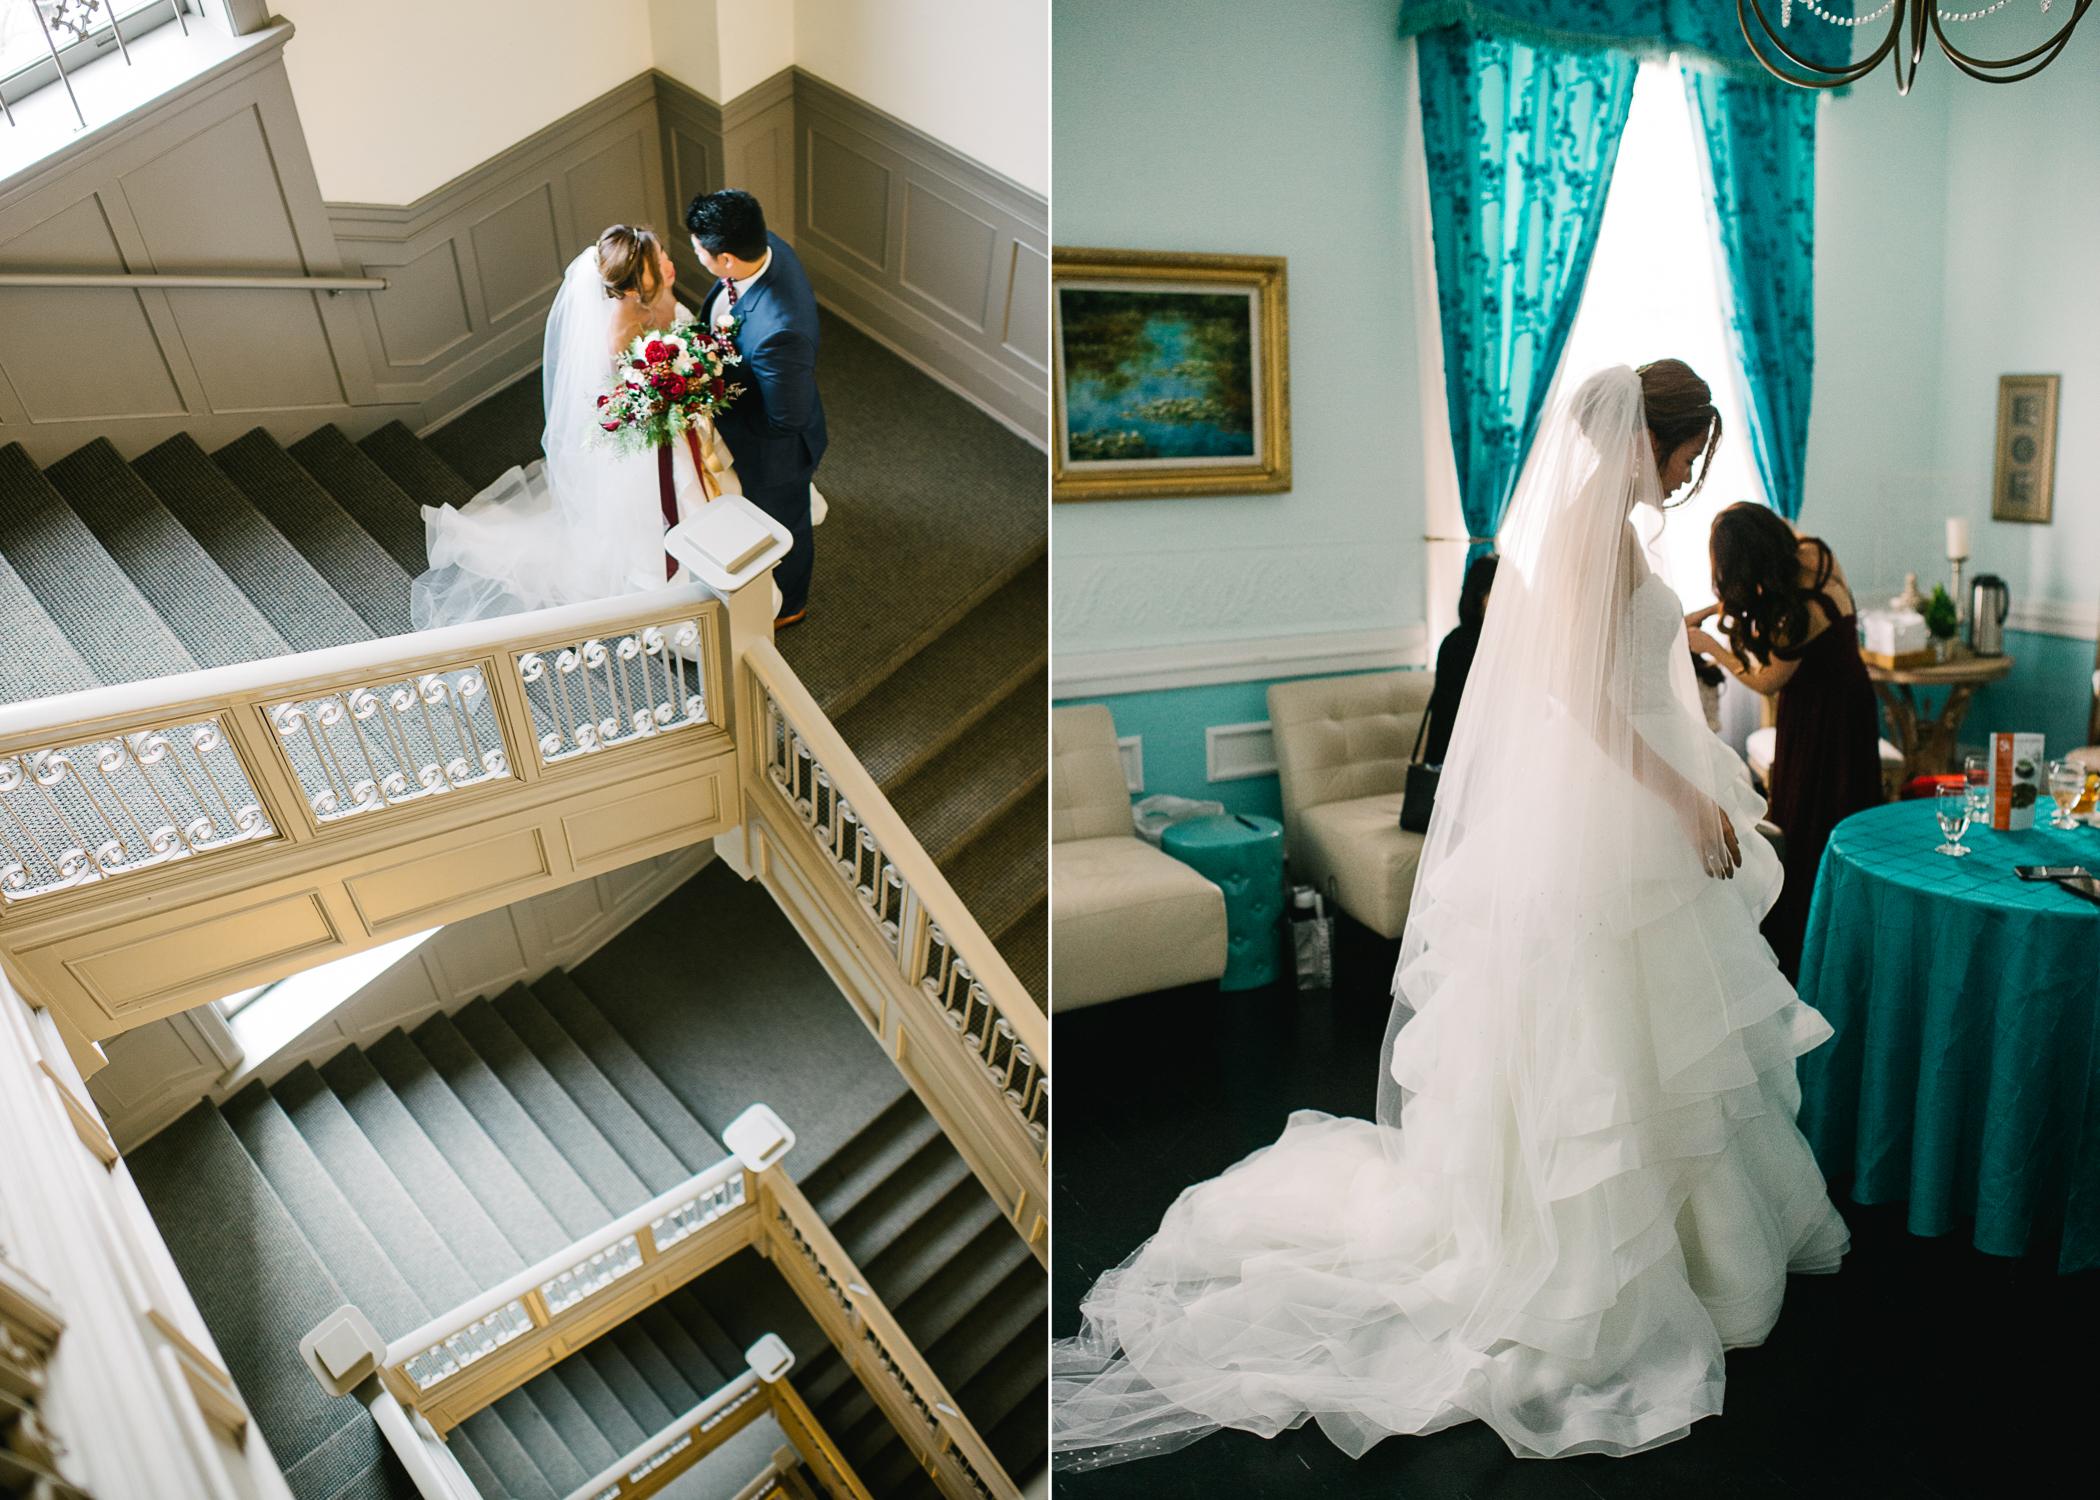 elysian-ballroom-portland-wedding-053a.jpg